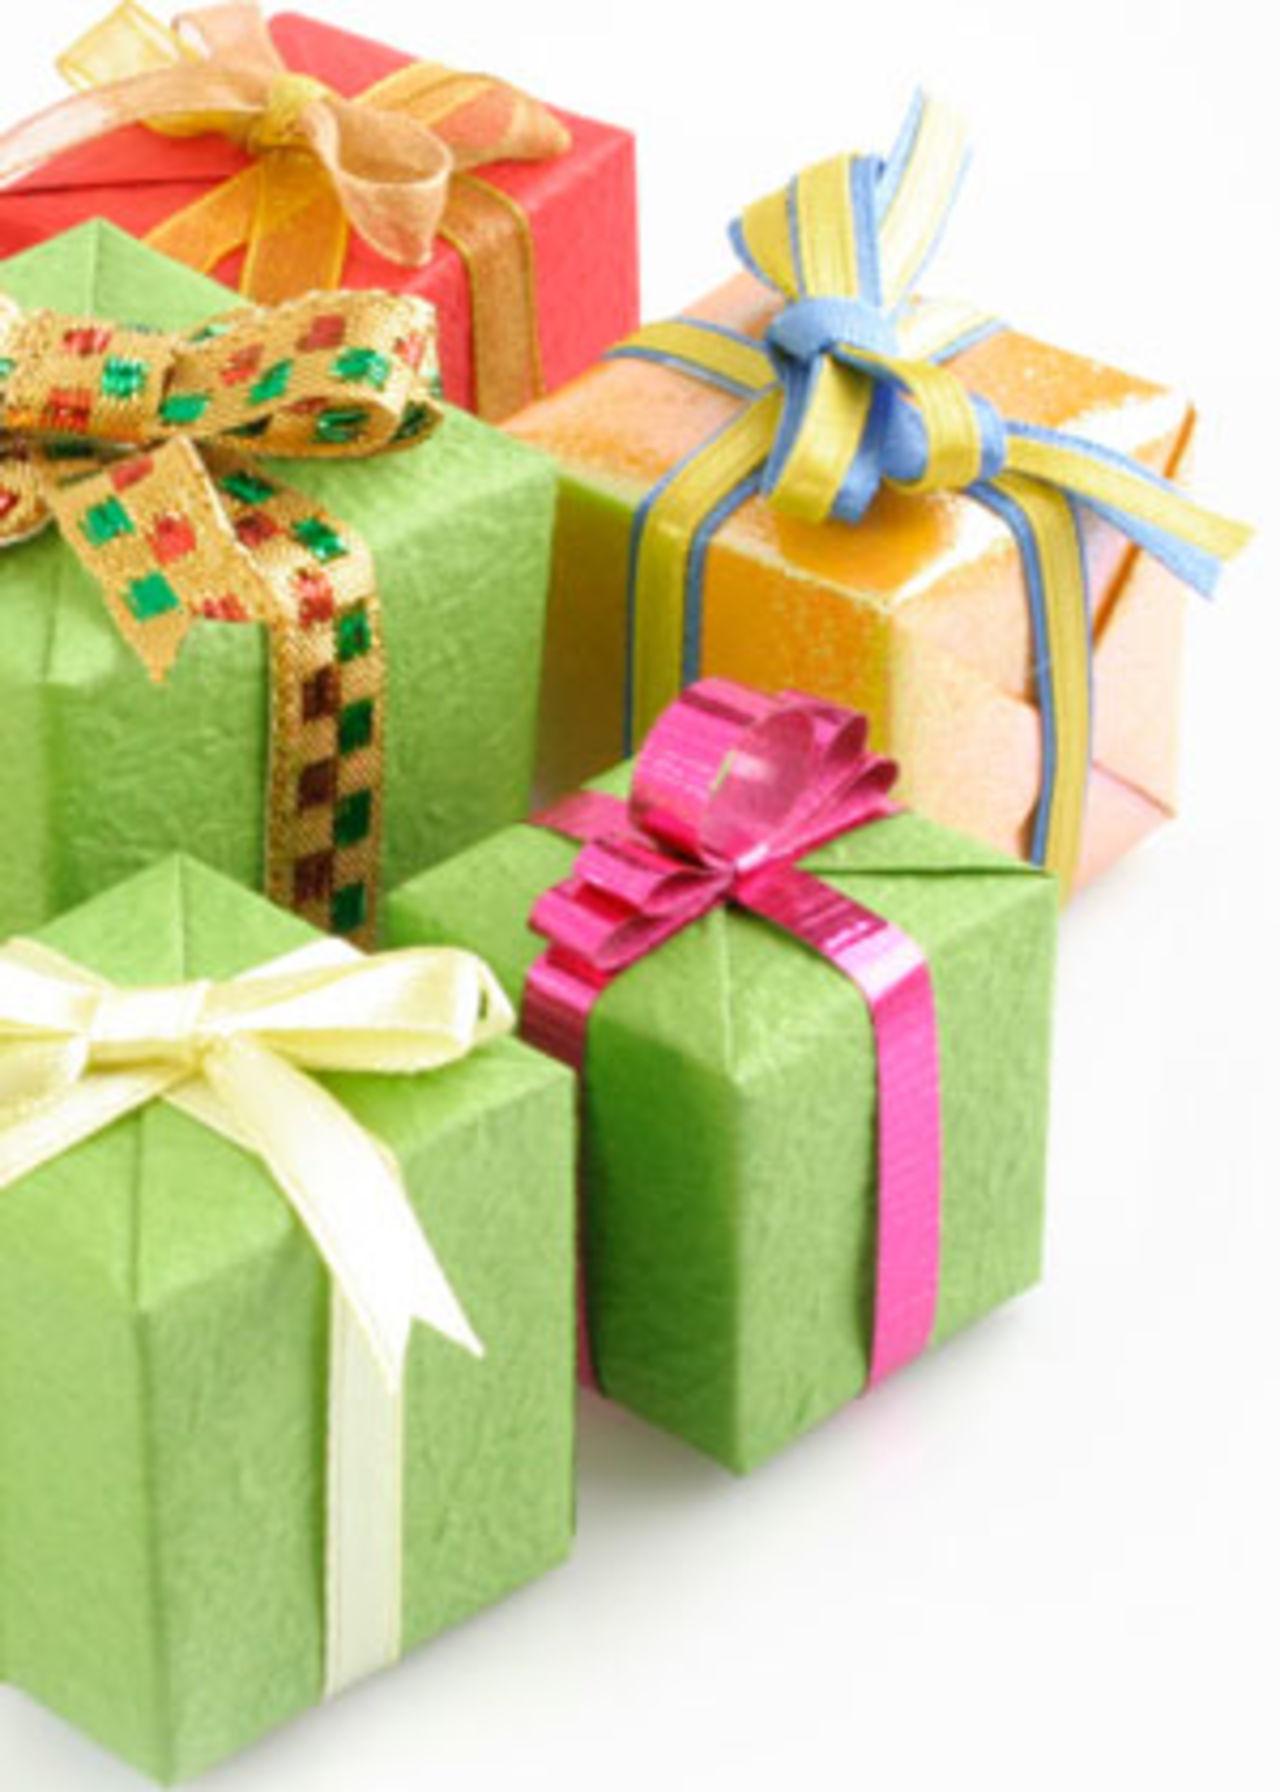 Подарки на день рождения, купить прикольный подарок 43